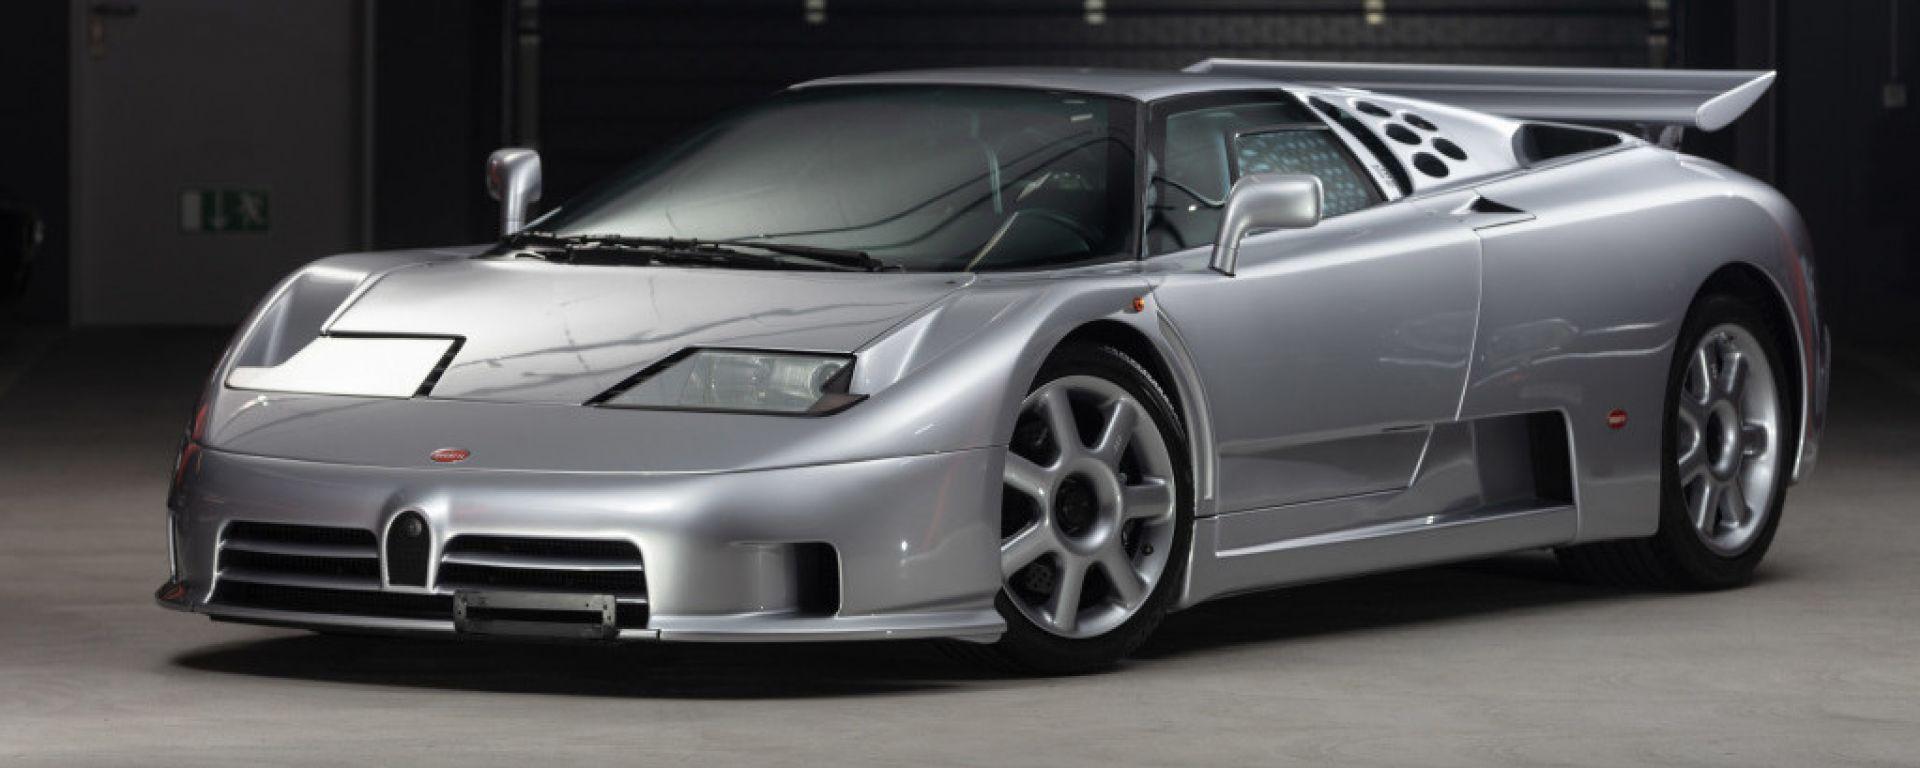 Bugatti EB110 Super Sport: in vendita con soli 950 km all'attivo